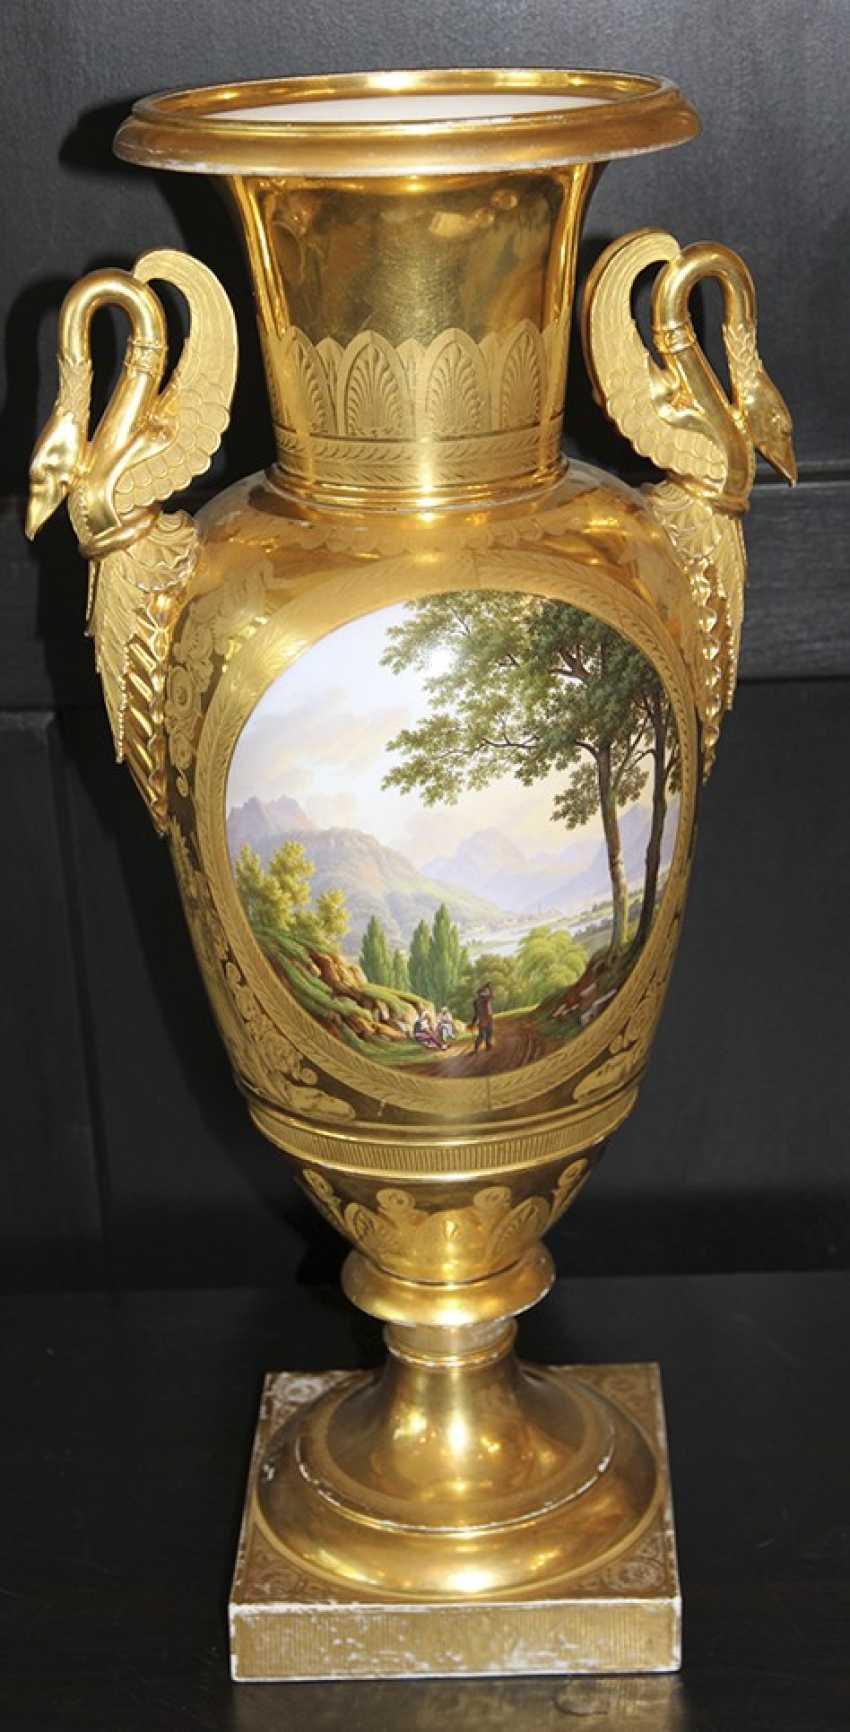 Vase mit Landschaft. Kaiserliche Porzellan-h-D ? - Foto 1